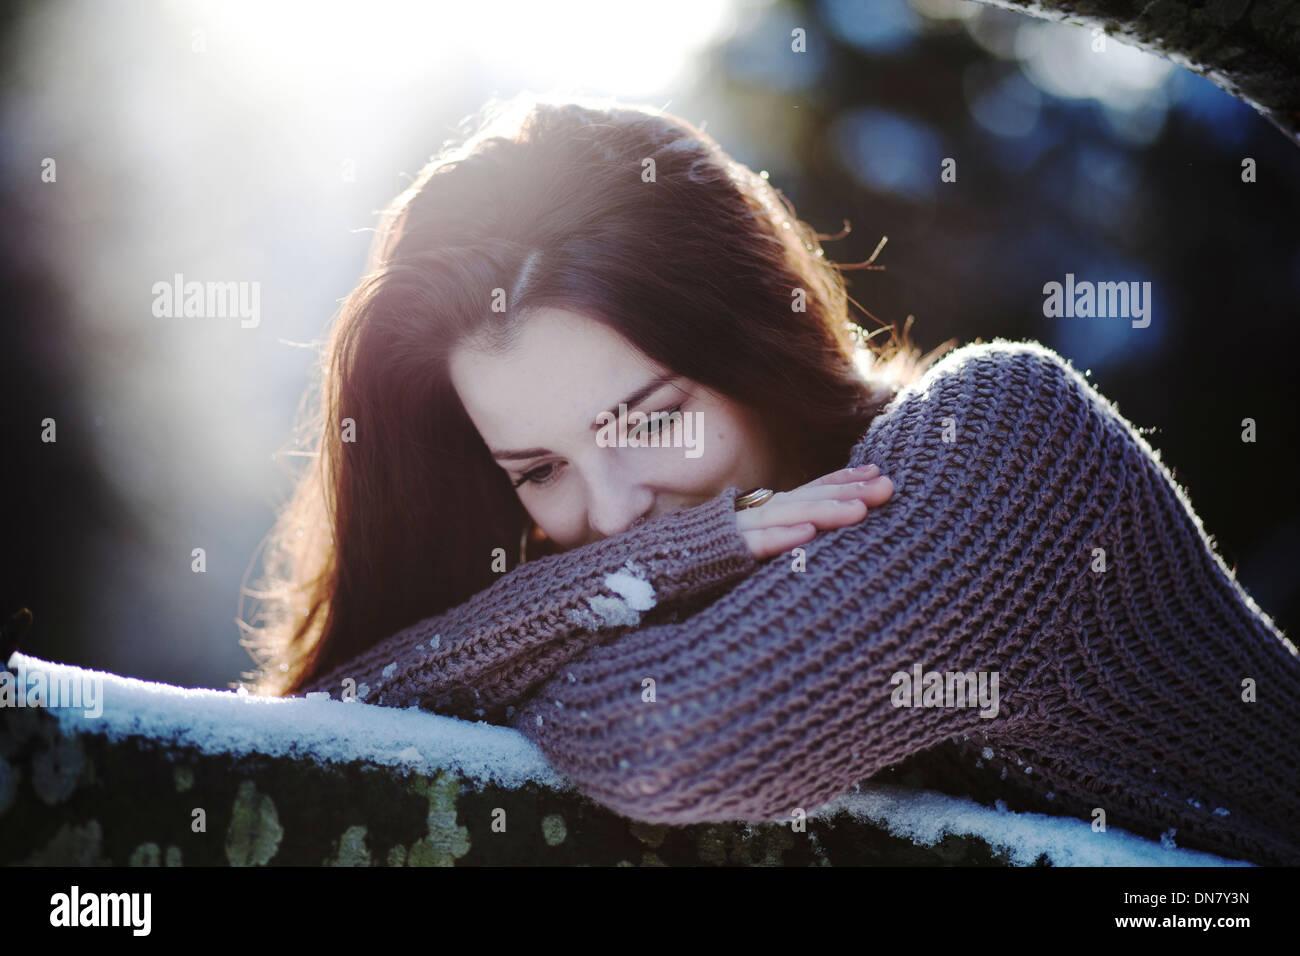 Jeune femme couchée sur un tronc d'arbre dans la neige Photo Stock